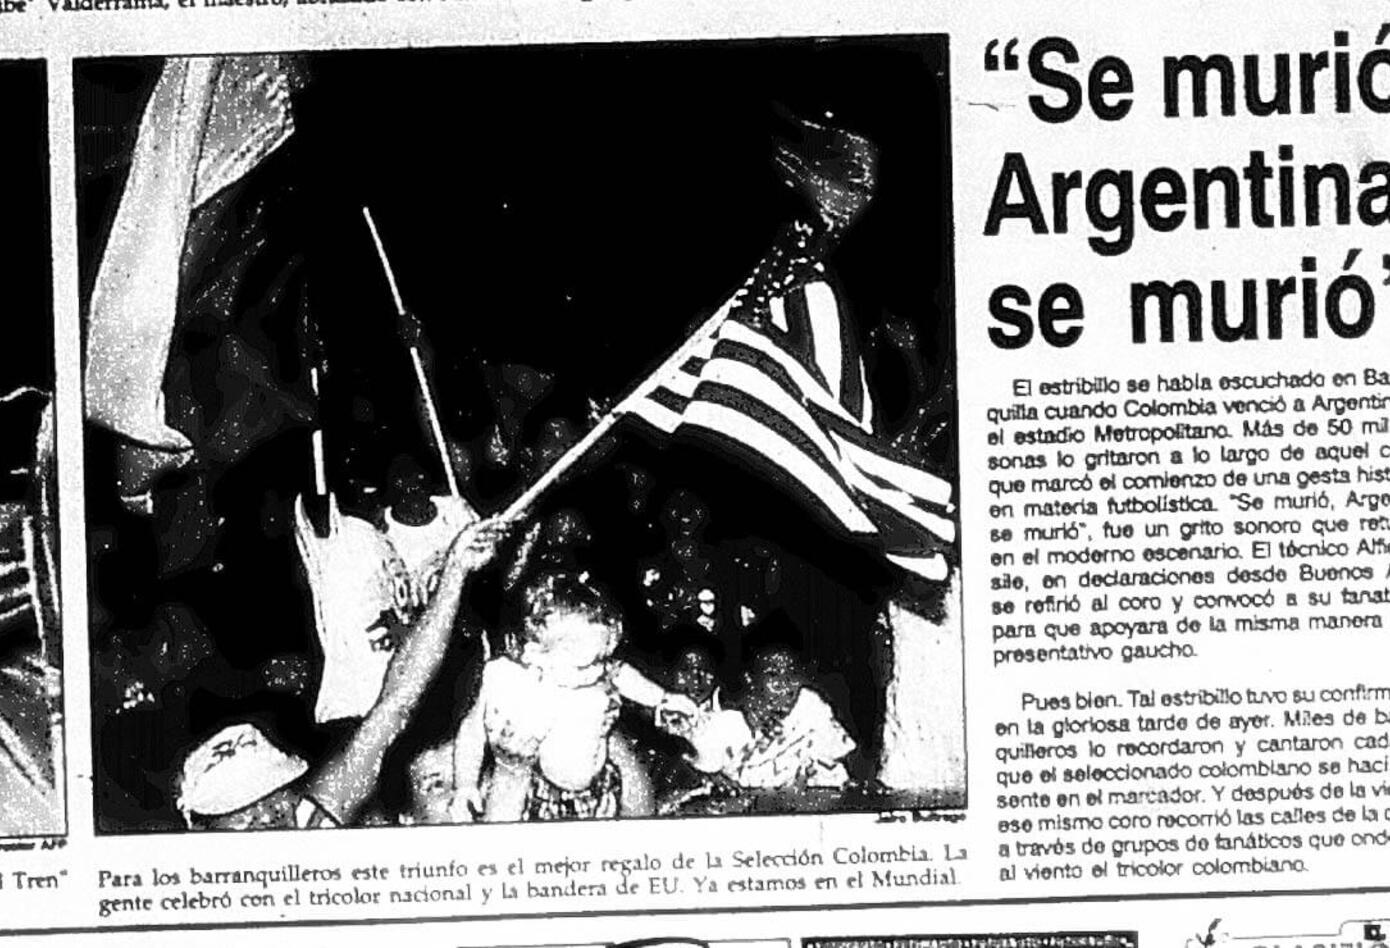 El diario El Heraldo y las reacciones por el triunfo de Colombia ante Argentina 5-0